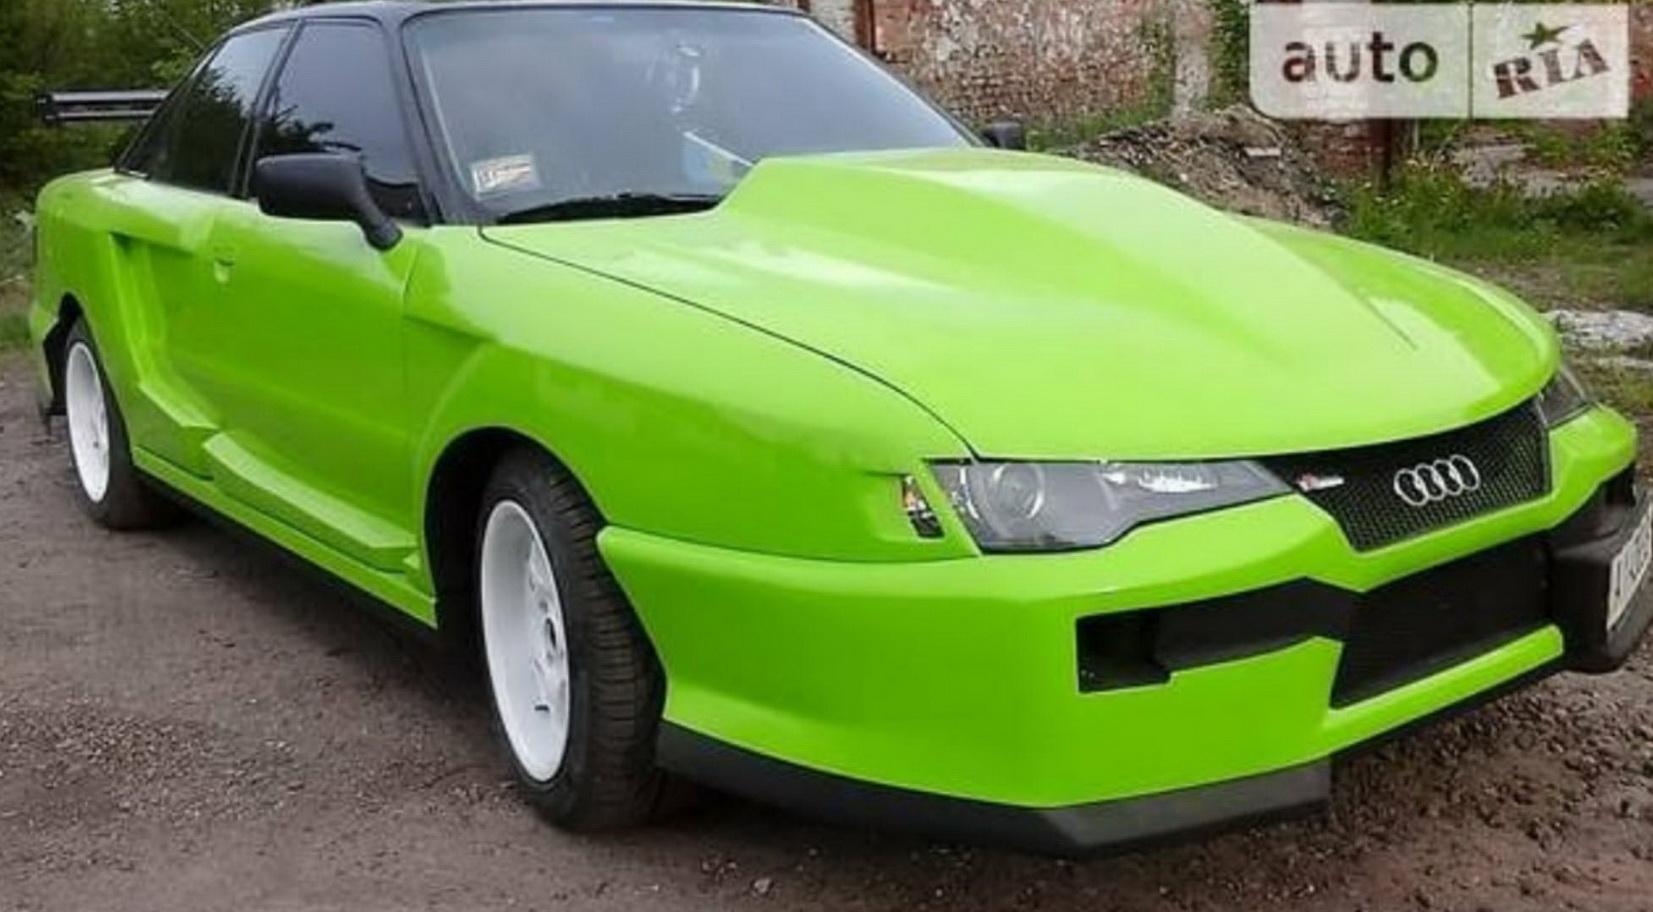 Странный украинский тюнинг Audi впечатлил иностранцев